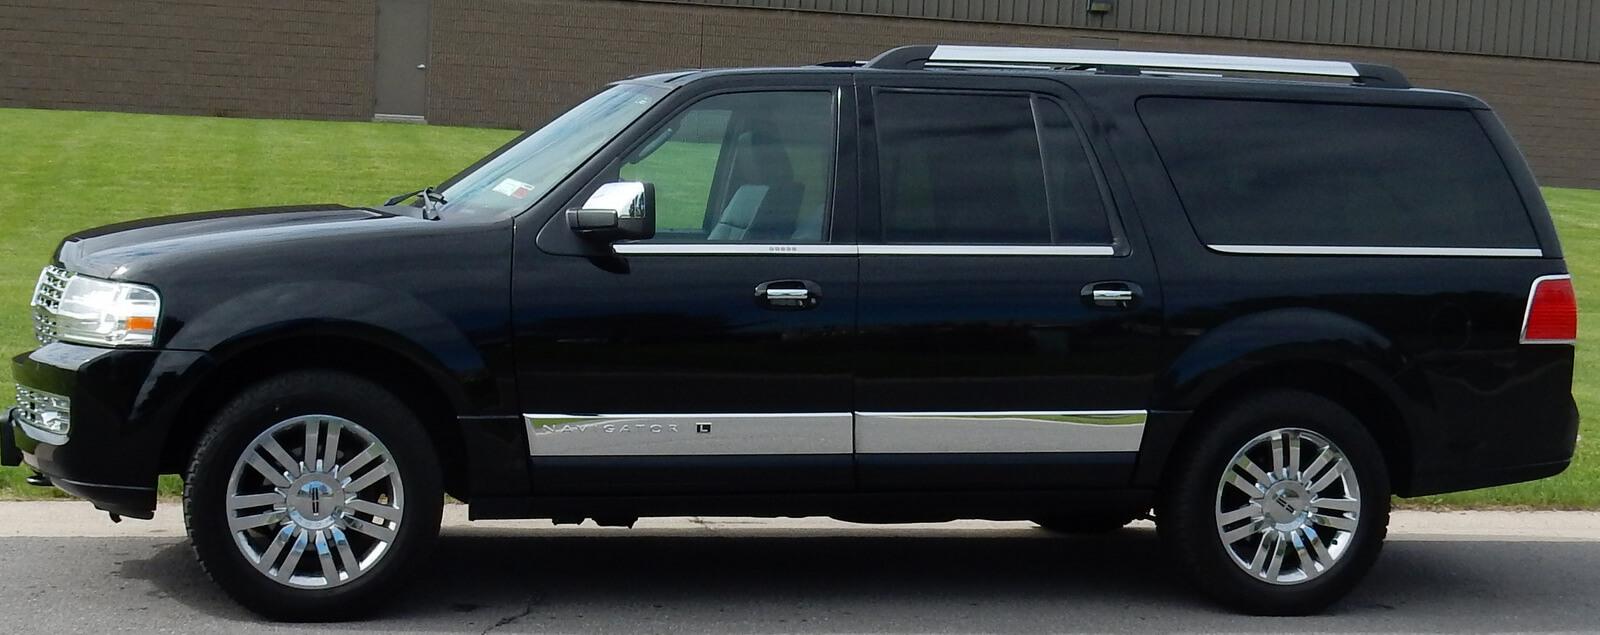 Van Service Rochester